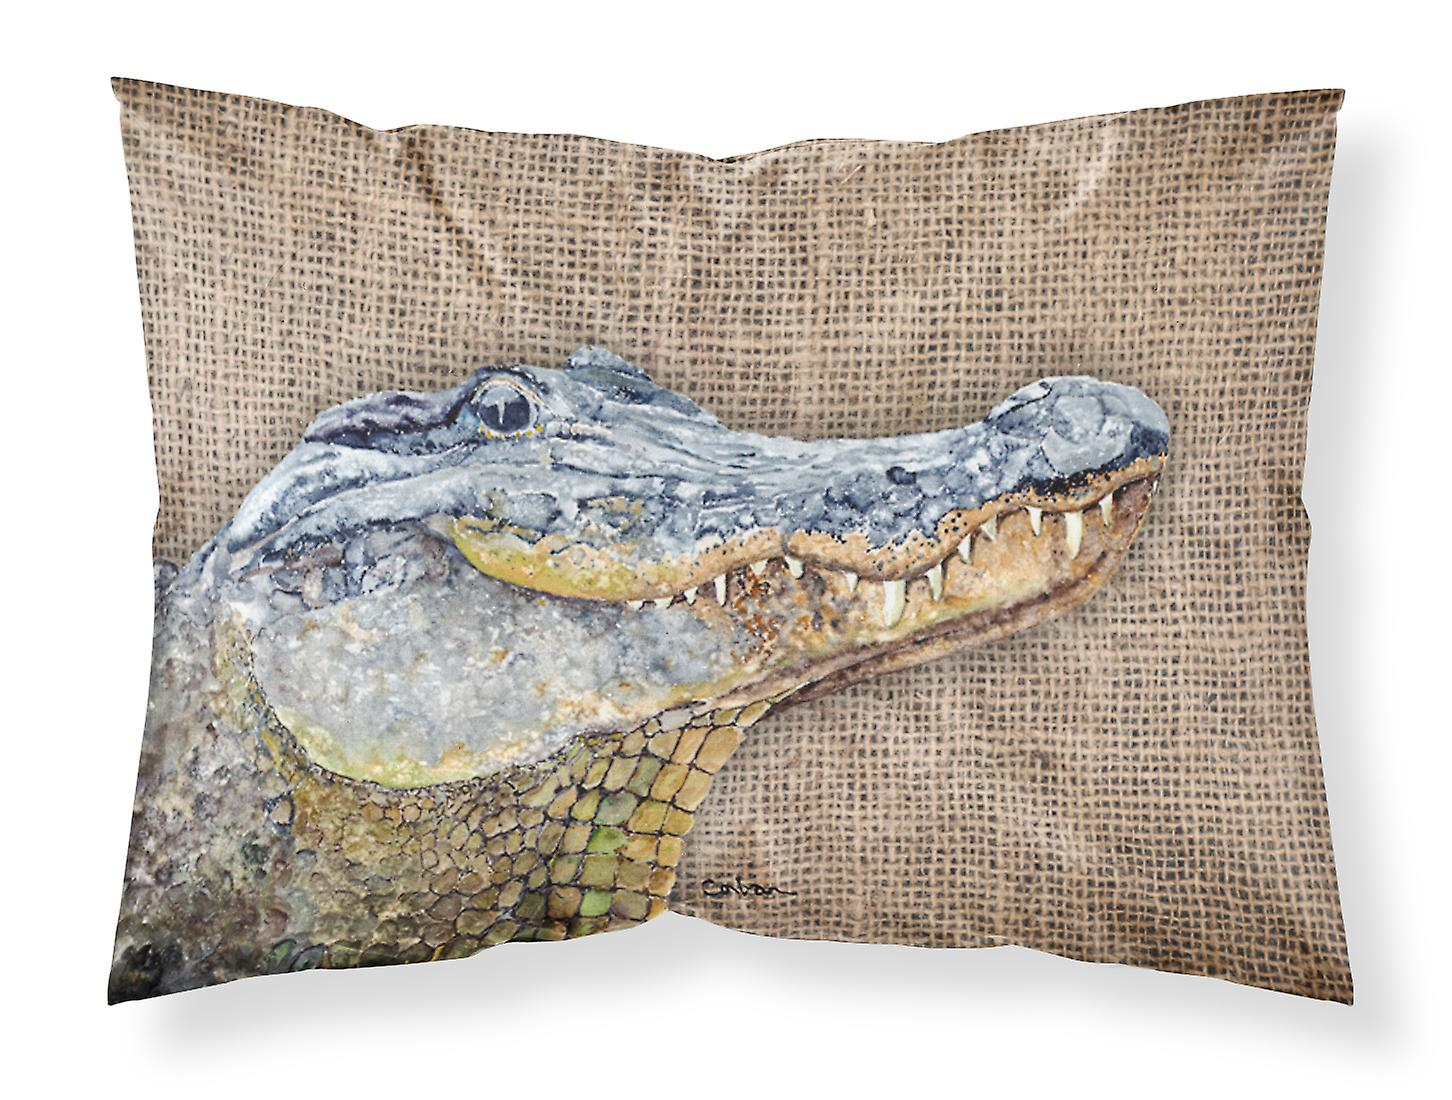 Tissu De 8733pillowcase Alligator Norme Carolines L'humidité Mèche Trésors n0wPX8Ok